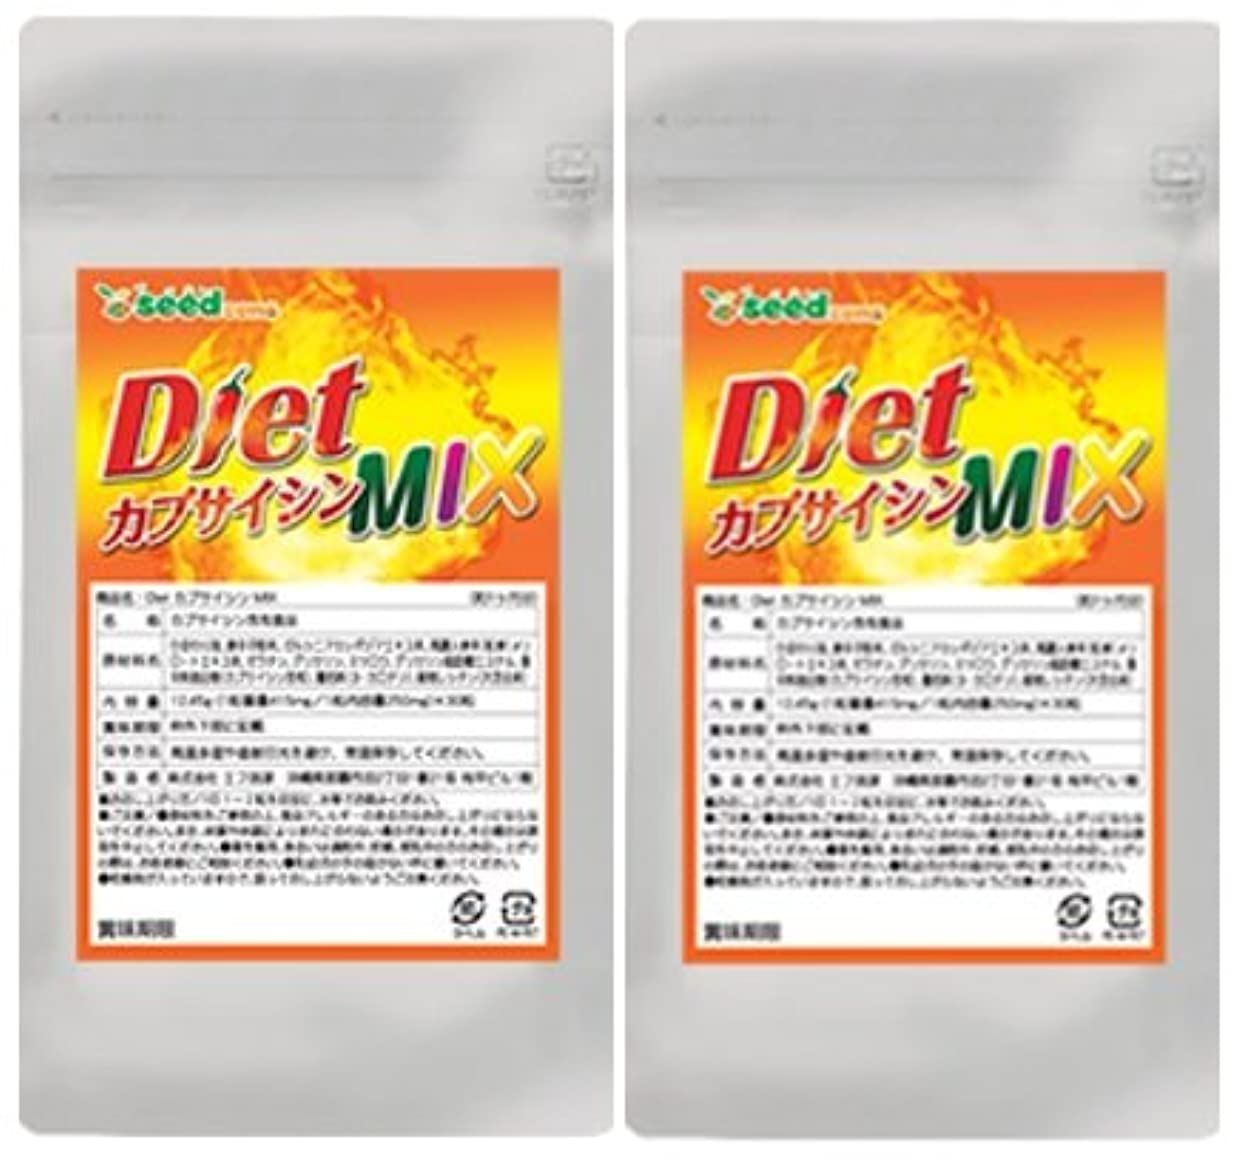 閉塞フォーラム深さ【 seedcoms シードコムス 公式 】Diet カプサイシン MIX (約6ケ月分) メリロート、高麗人参もプラス